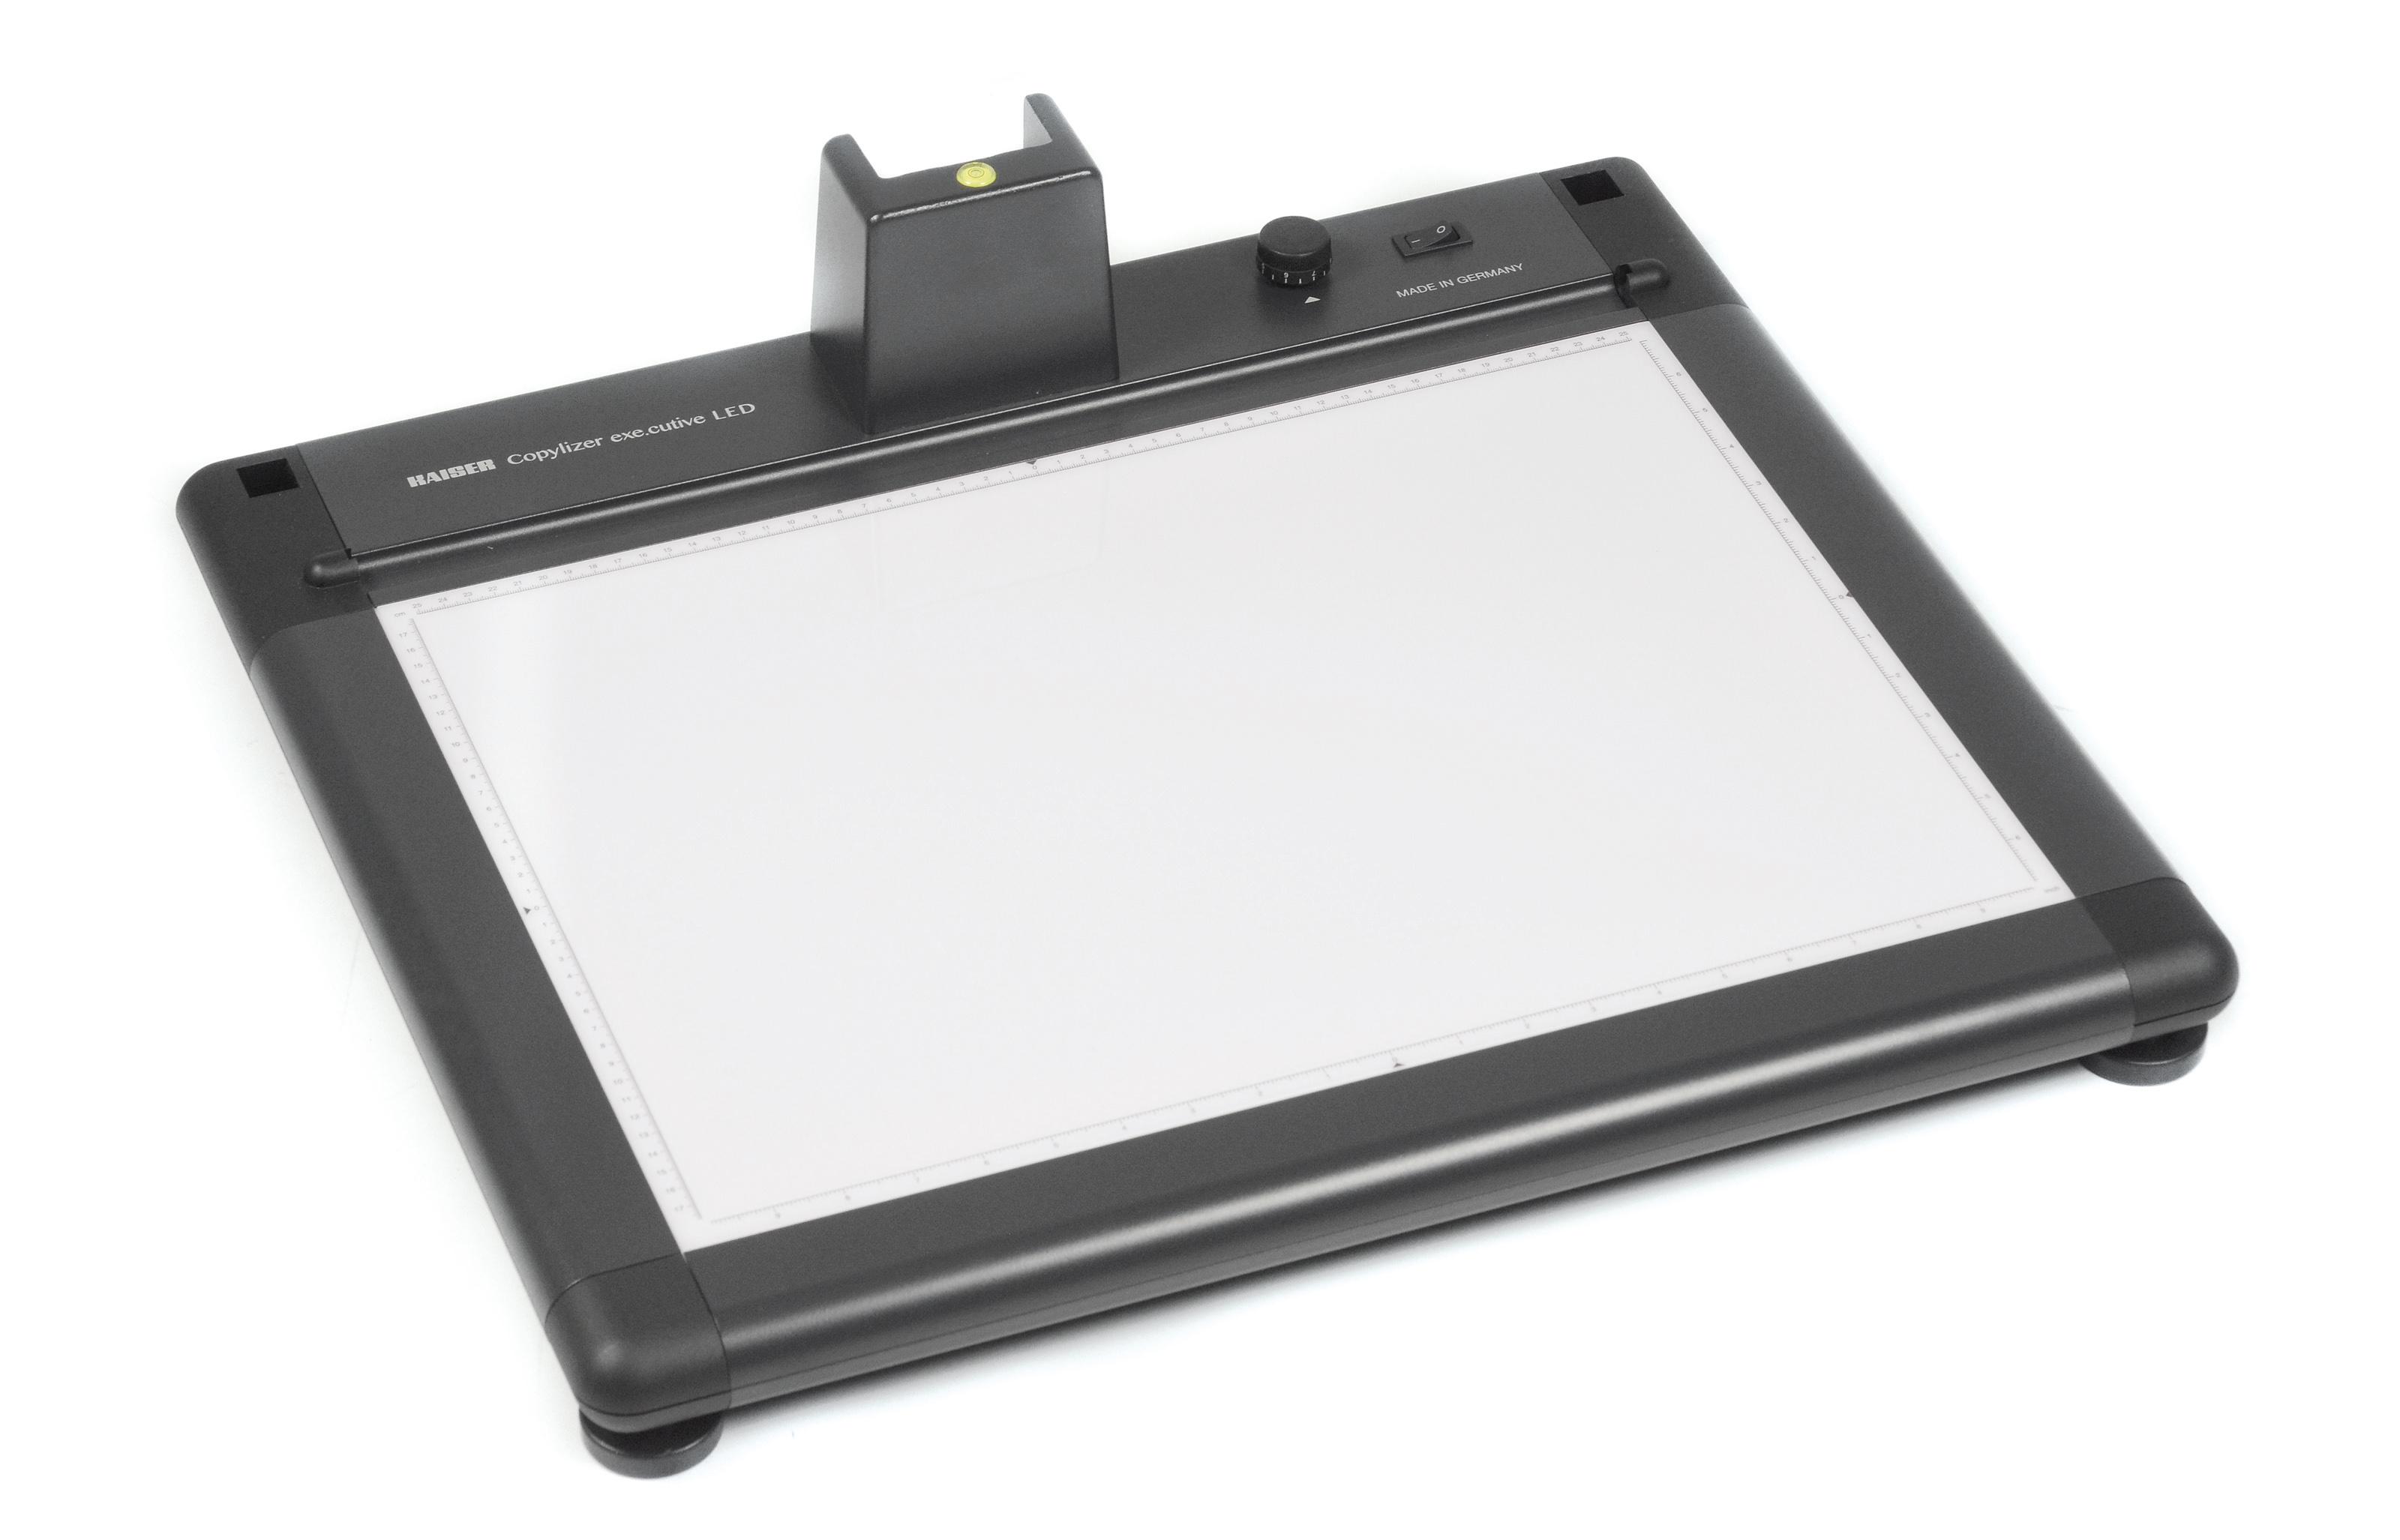 Kaiser Base table lumineuse exe.cutive LED - Graphicart AG